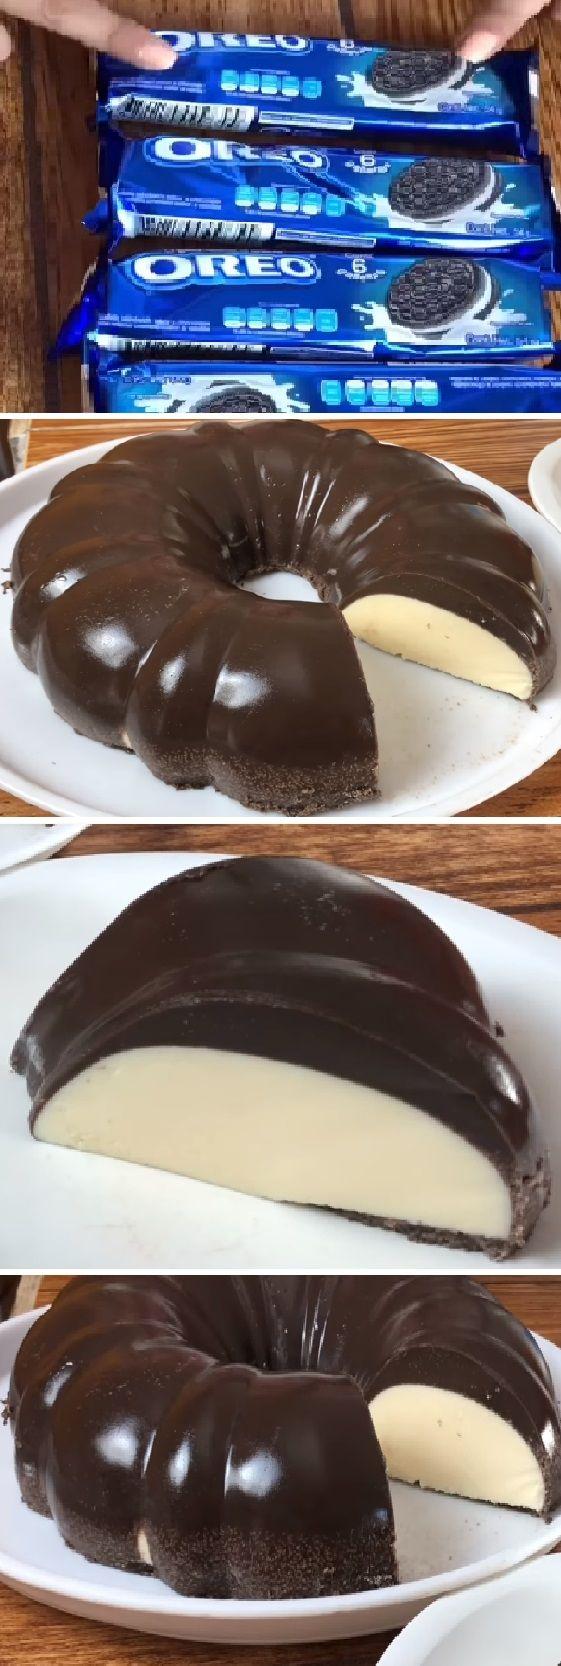 """Gelatina flotante de galleta OREO con Queso Philadelphia """" By Jenny Salas. #gelatina #flotante #galletas #oreo #quesophiladelphia #gelato #crema #flan #postres #cheesecake #cakes #pan #panfrances #panettone #panes #pantone #pan #recetas #recipe #casero #torta #tartas #pastel #nestlecocina #bizcocho #bizcochuelo #tasty #cocina #chocolate Si te gusta dinos HOLA y dale a Me Gusta MIREN..."""